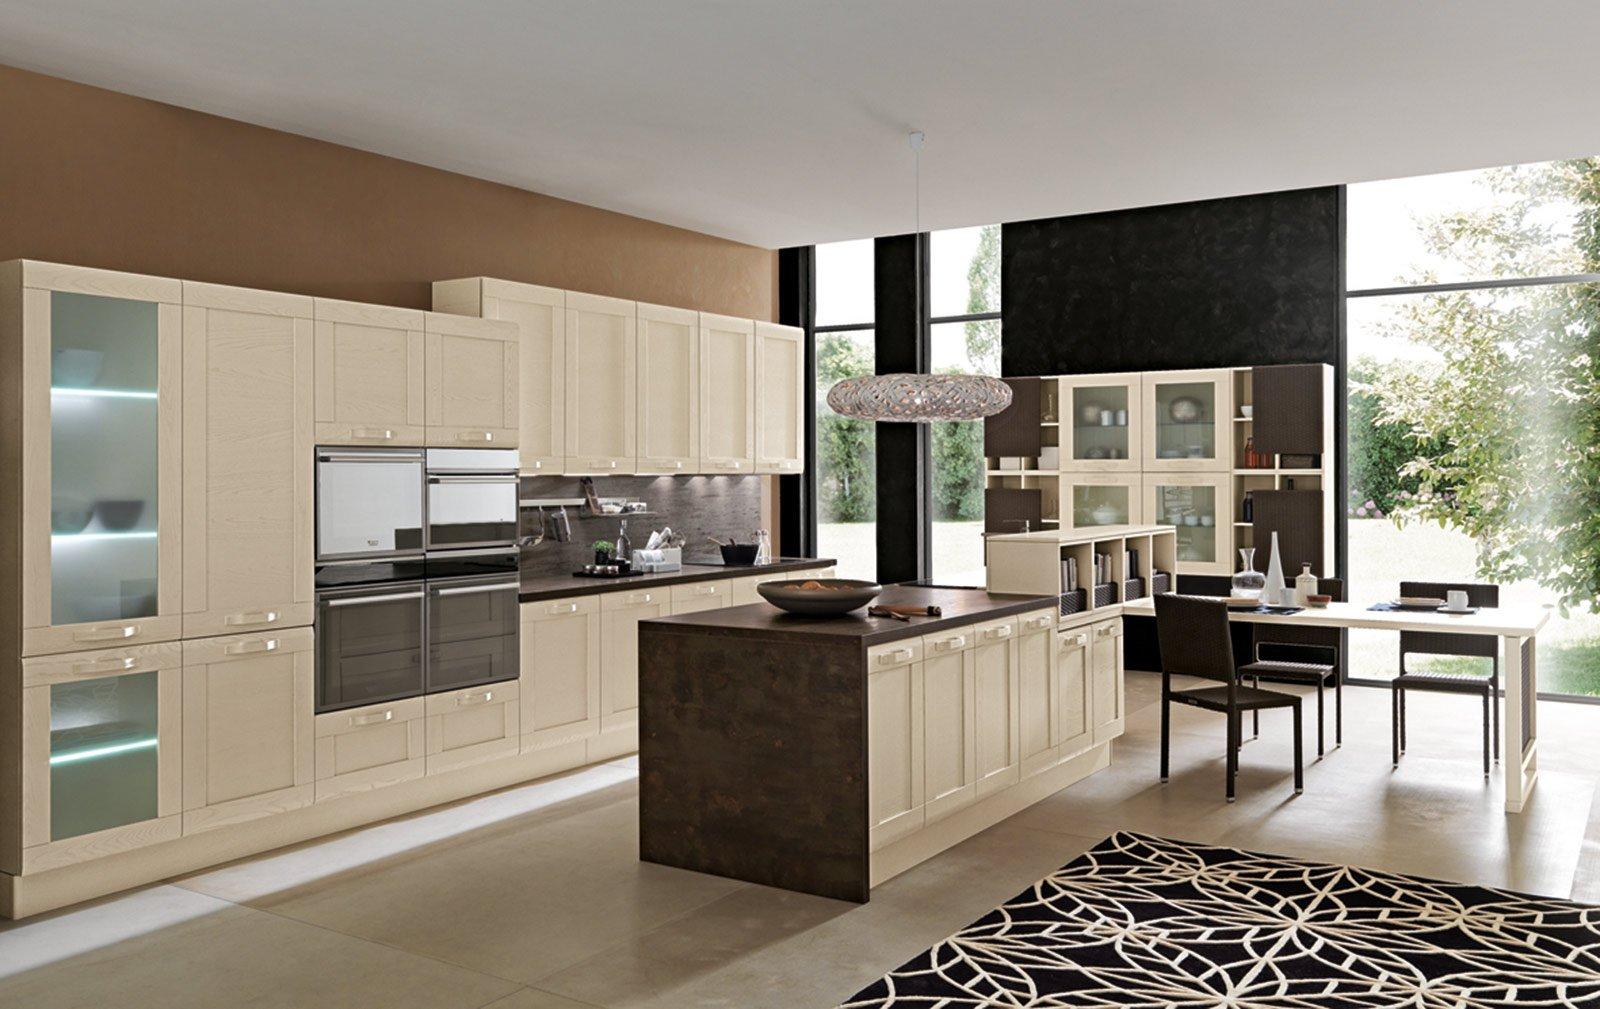 La cucina con l 39 isola monocromatica o bicolore cose di casa - Cucine febal immagini ...